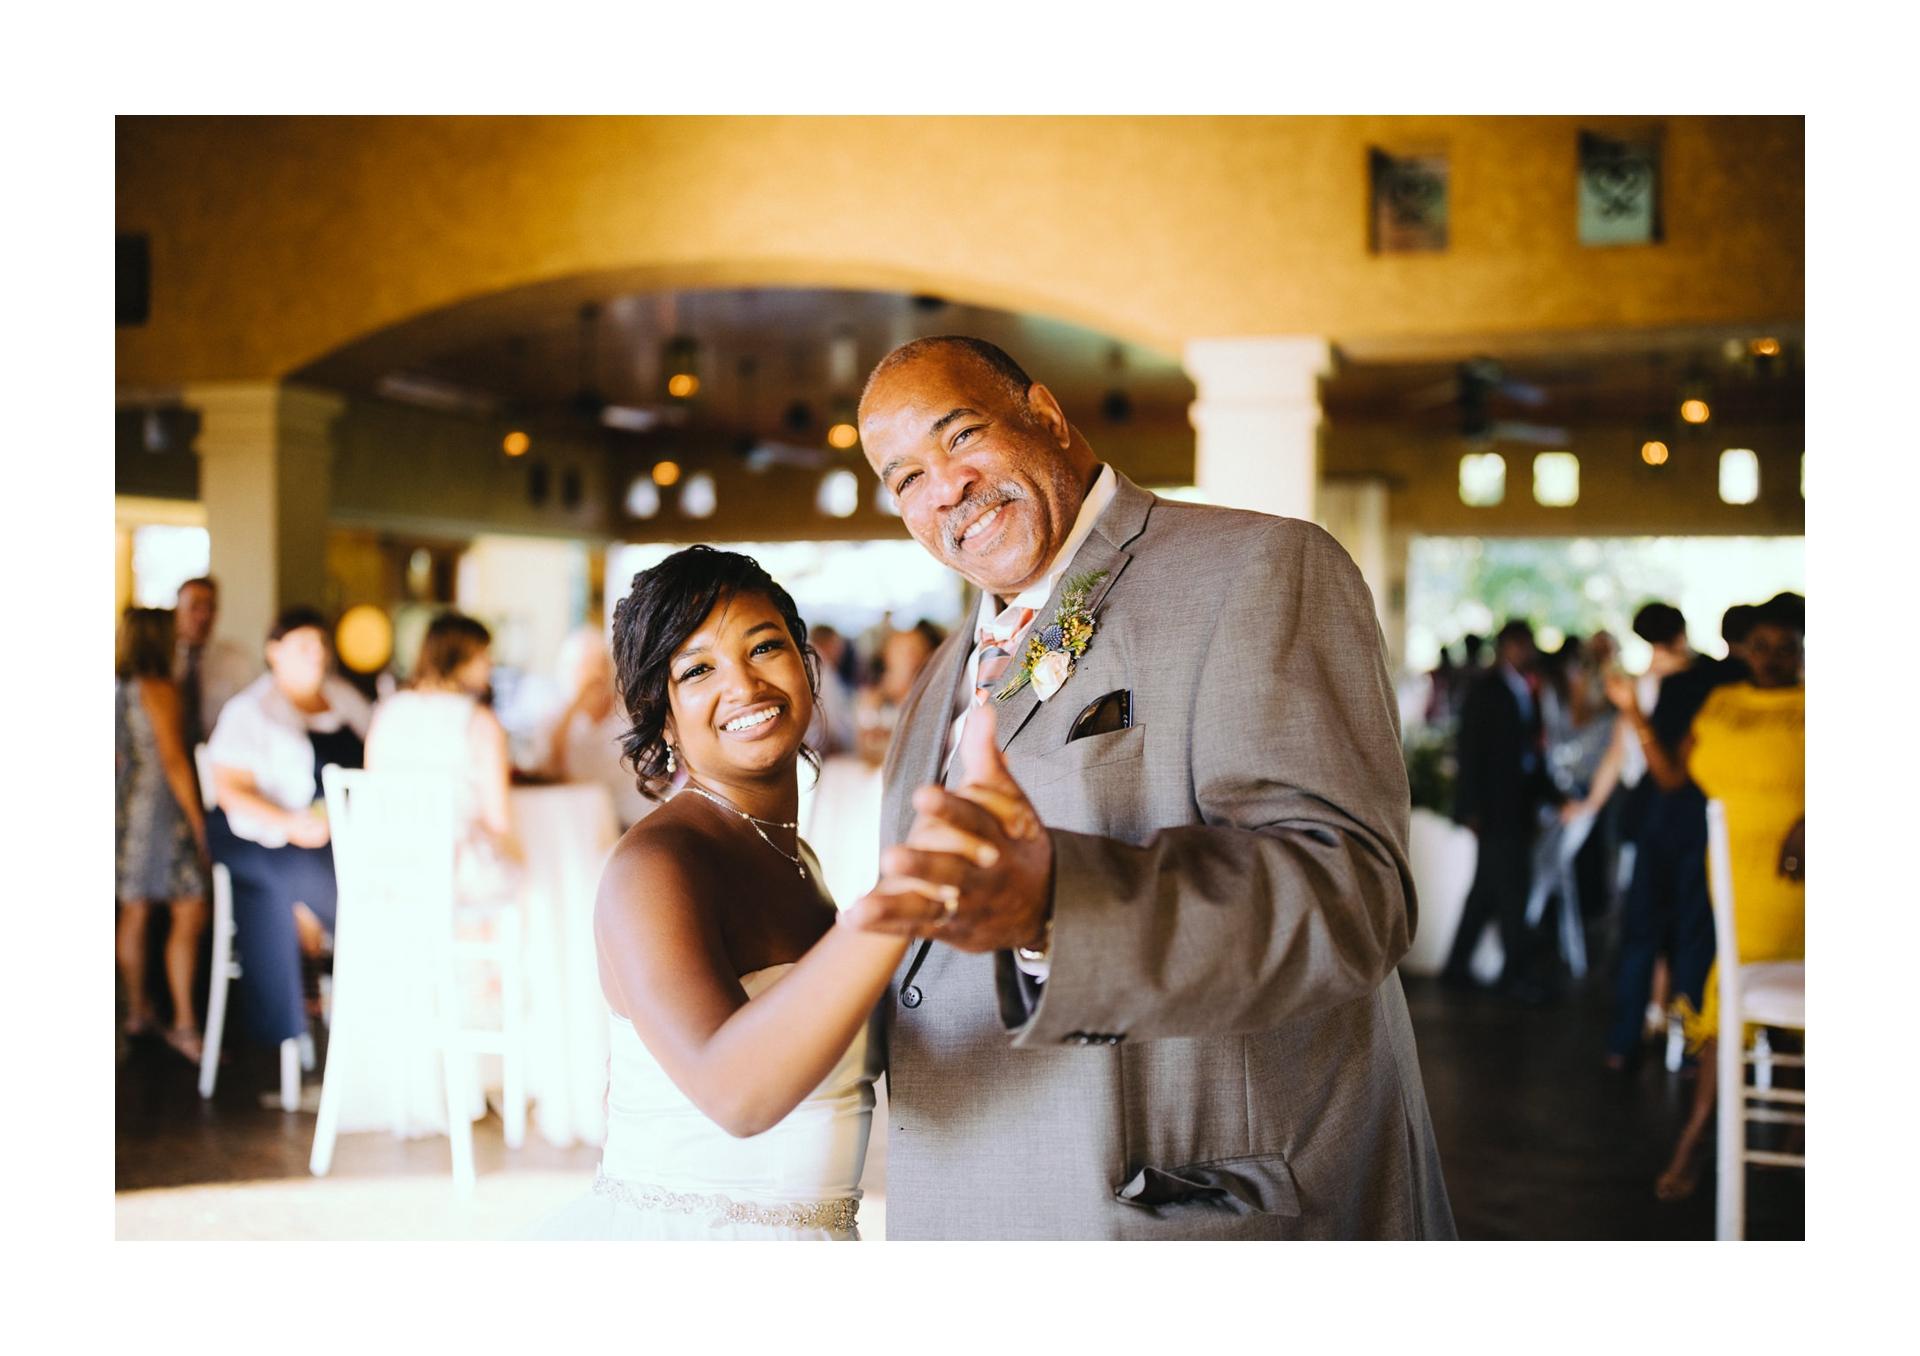 Gervasi Wedding Photographer in Canton Ohio 84.jpg